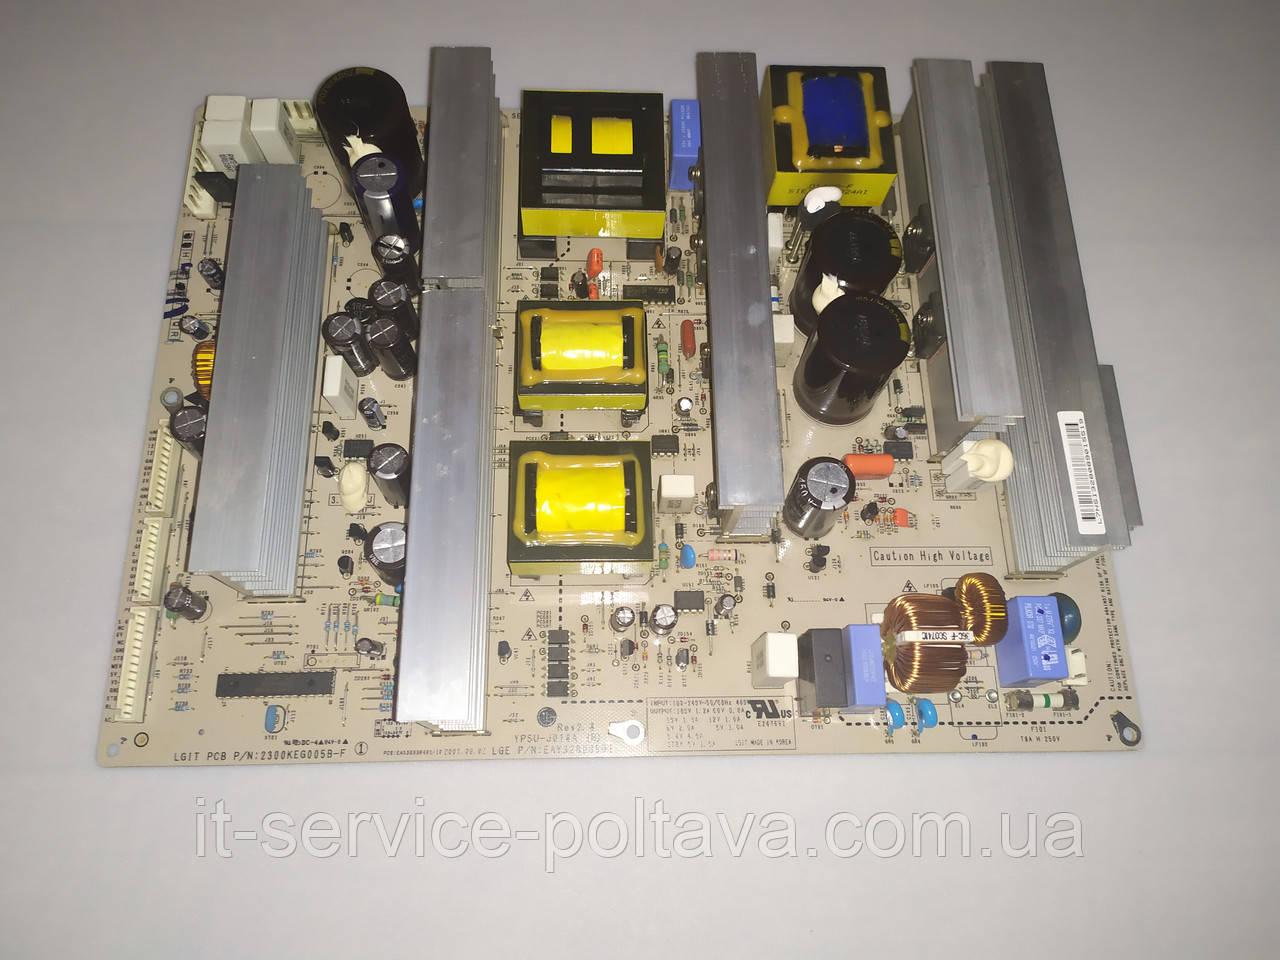 Блок живлення (Power Supply) YPSU-J014A, EAY32808901 для телевізора LG